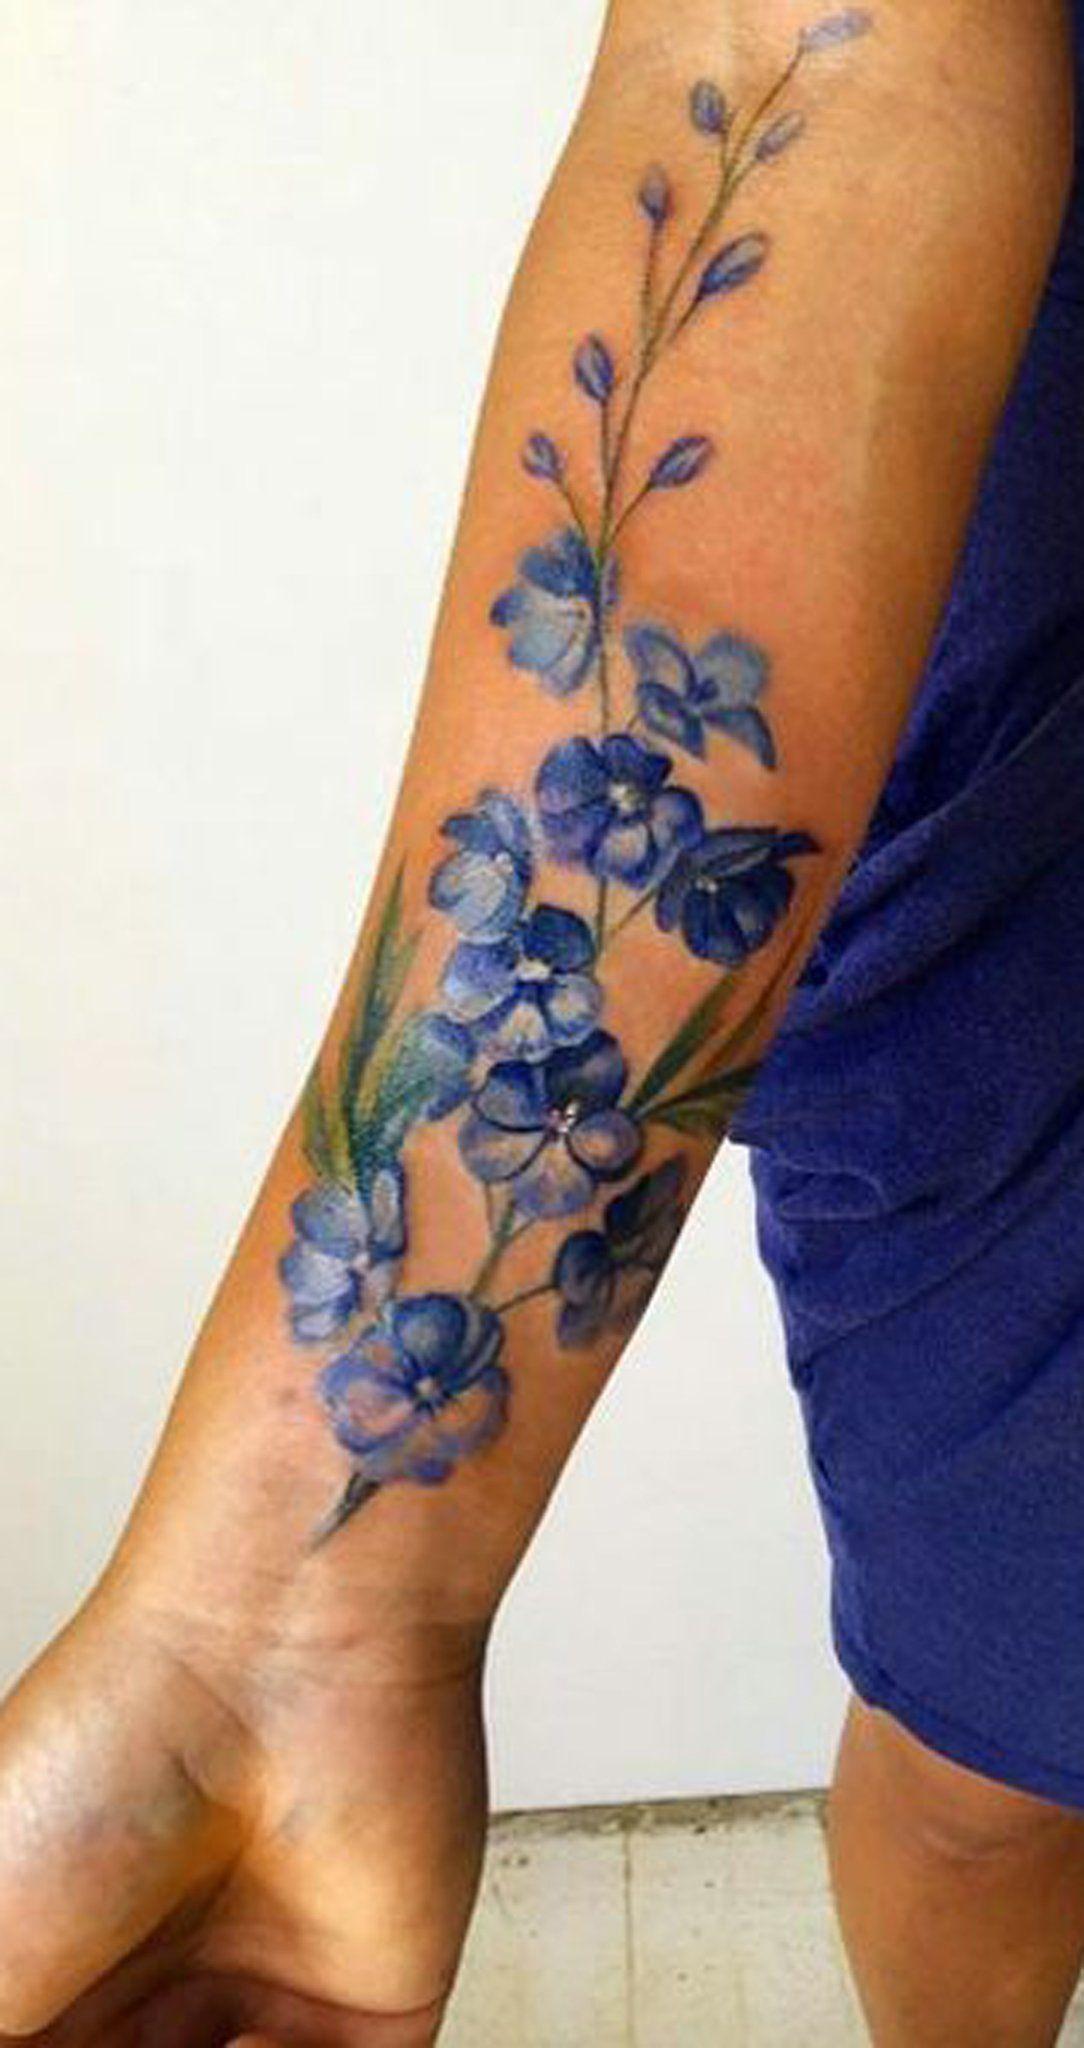 Watercolor Flower Forearm Tattoo Ideas for Women ideas